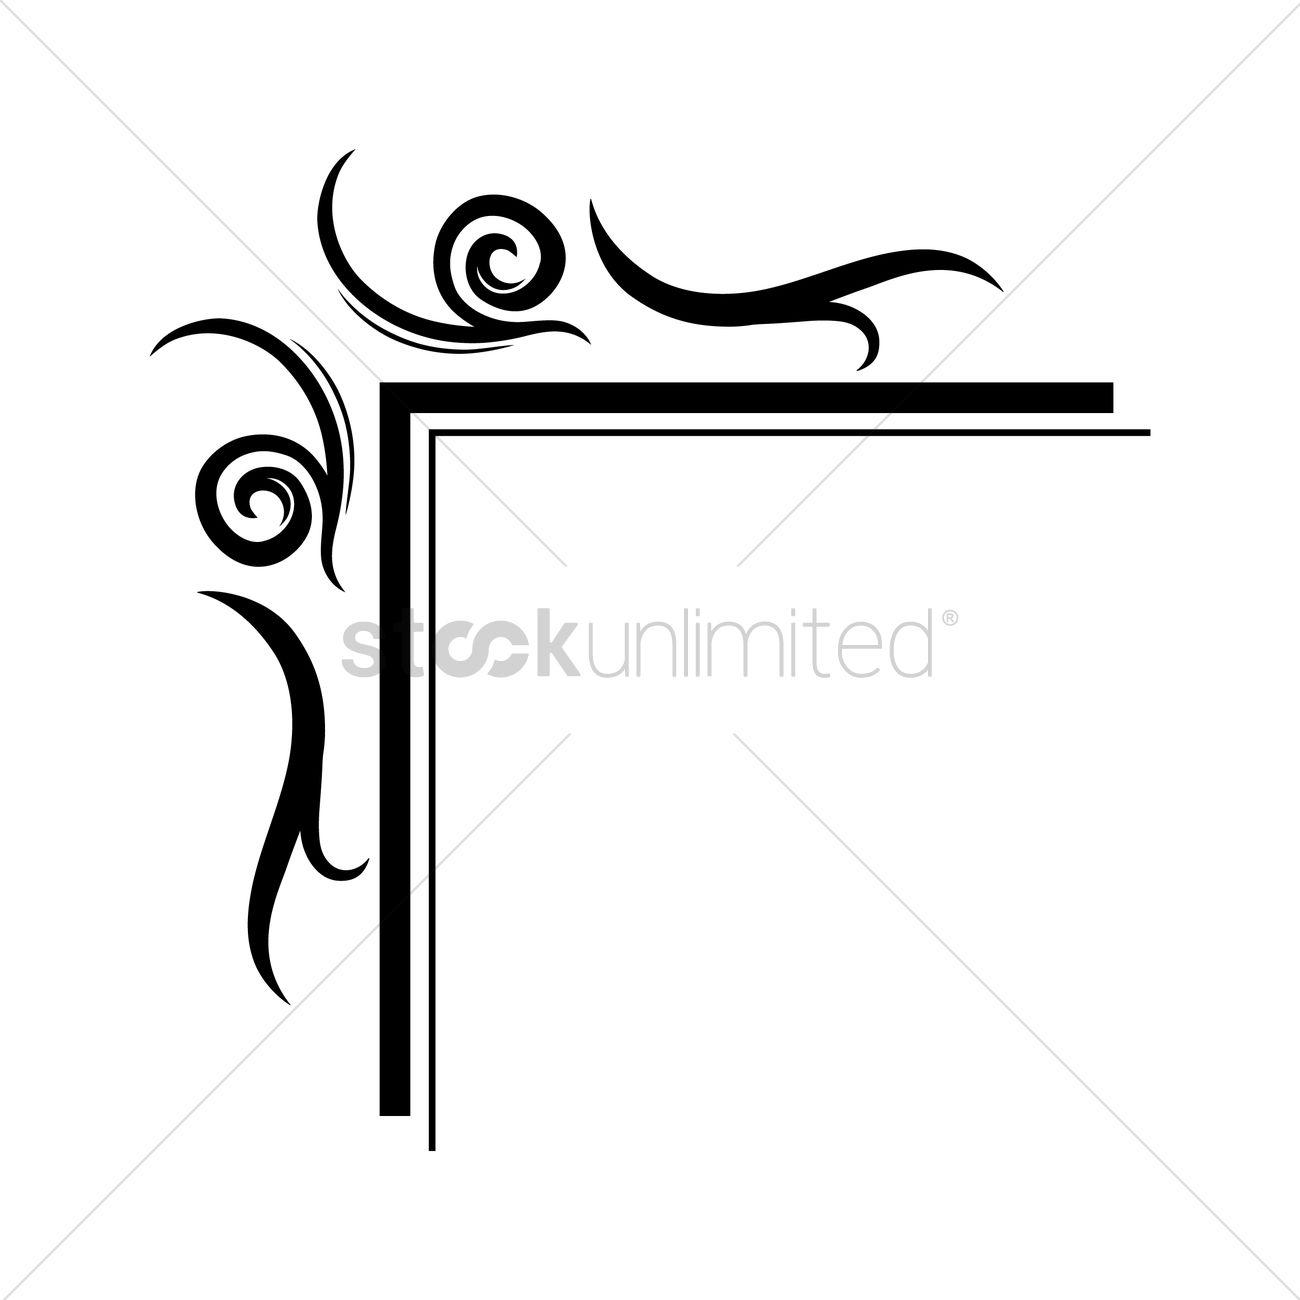 Frame corner design Vector Image - 1627212 | StockUnlimited